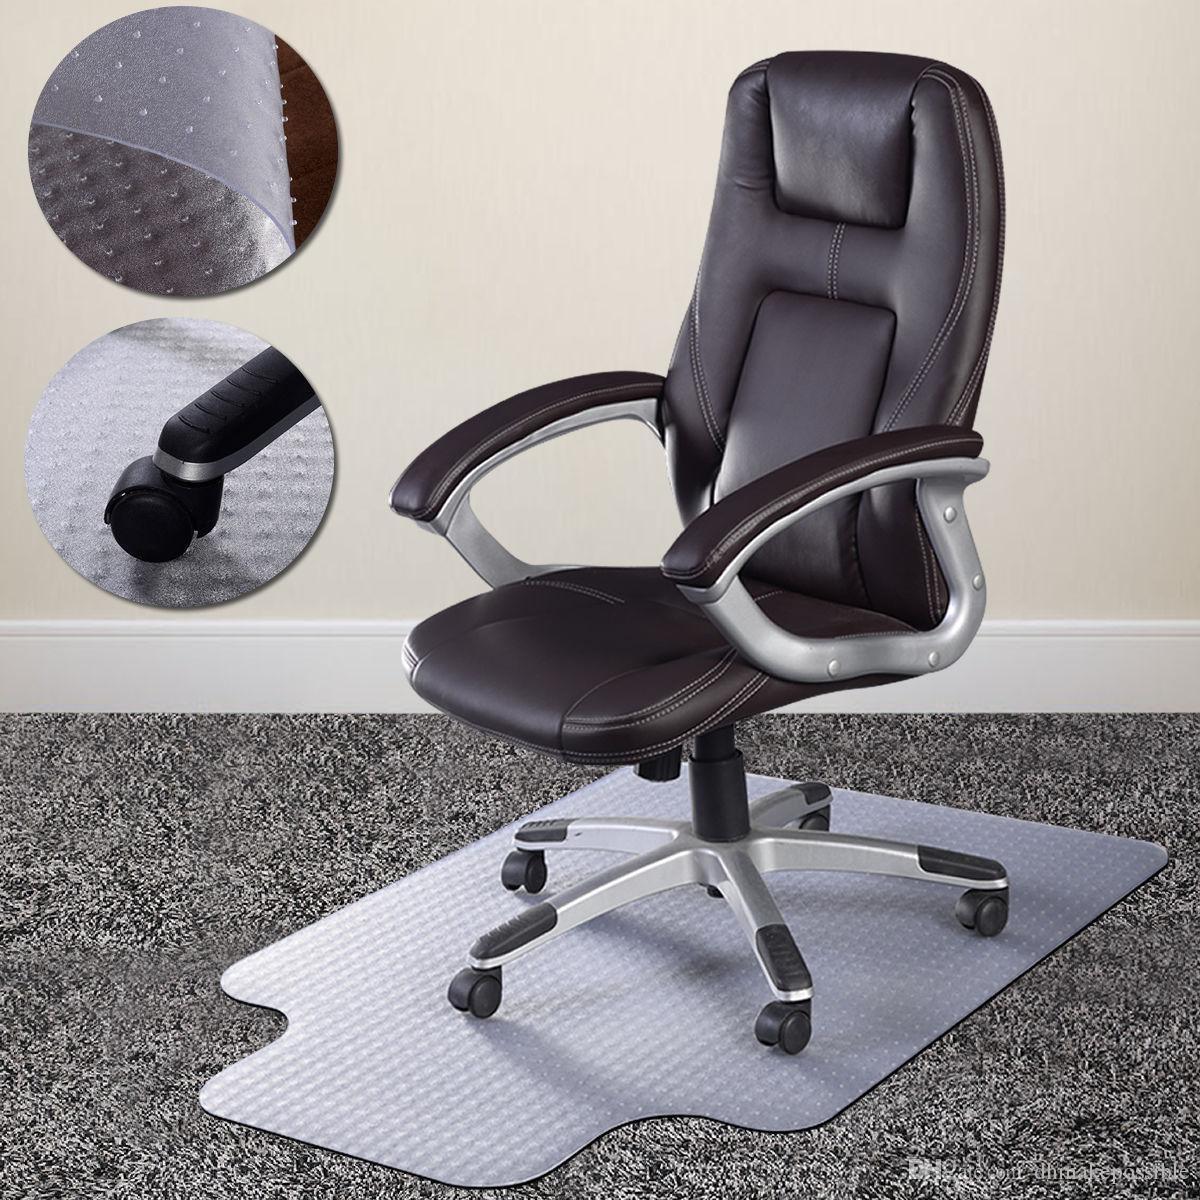 PVC Home Office Chair Tapete Studded volta com Lip para Pile Carpet Padrão